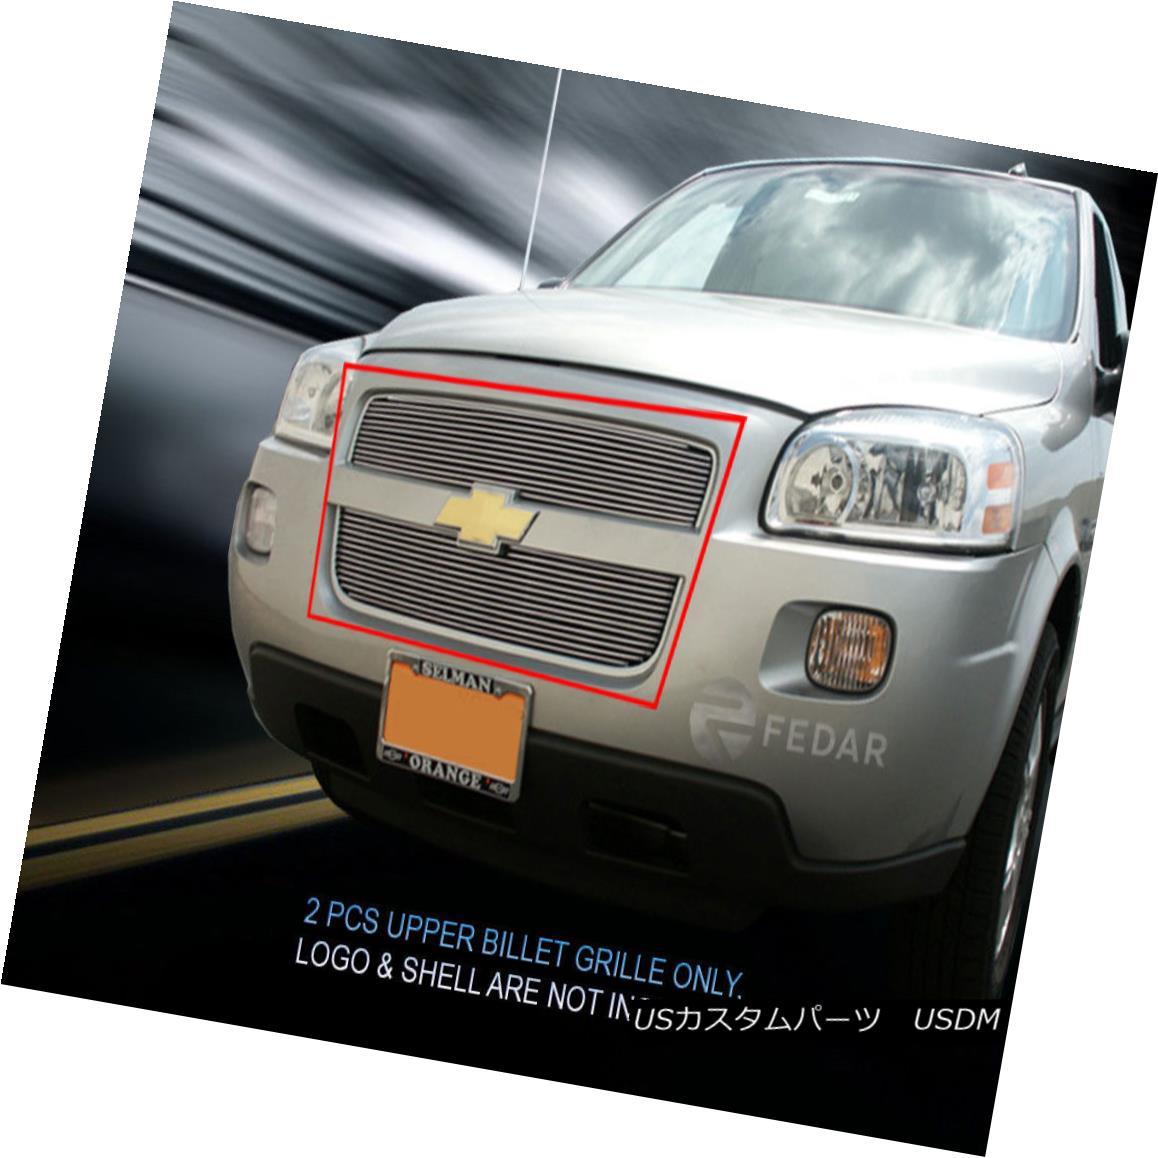 グリル Fedar Fits 2005-2008 Chevy Uplander Polished Main Upper Billet Grille Fedarは2005-2008年に合うChevy Uplander Polished Main Upper Billet Grille